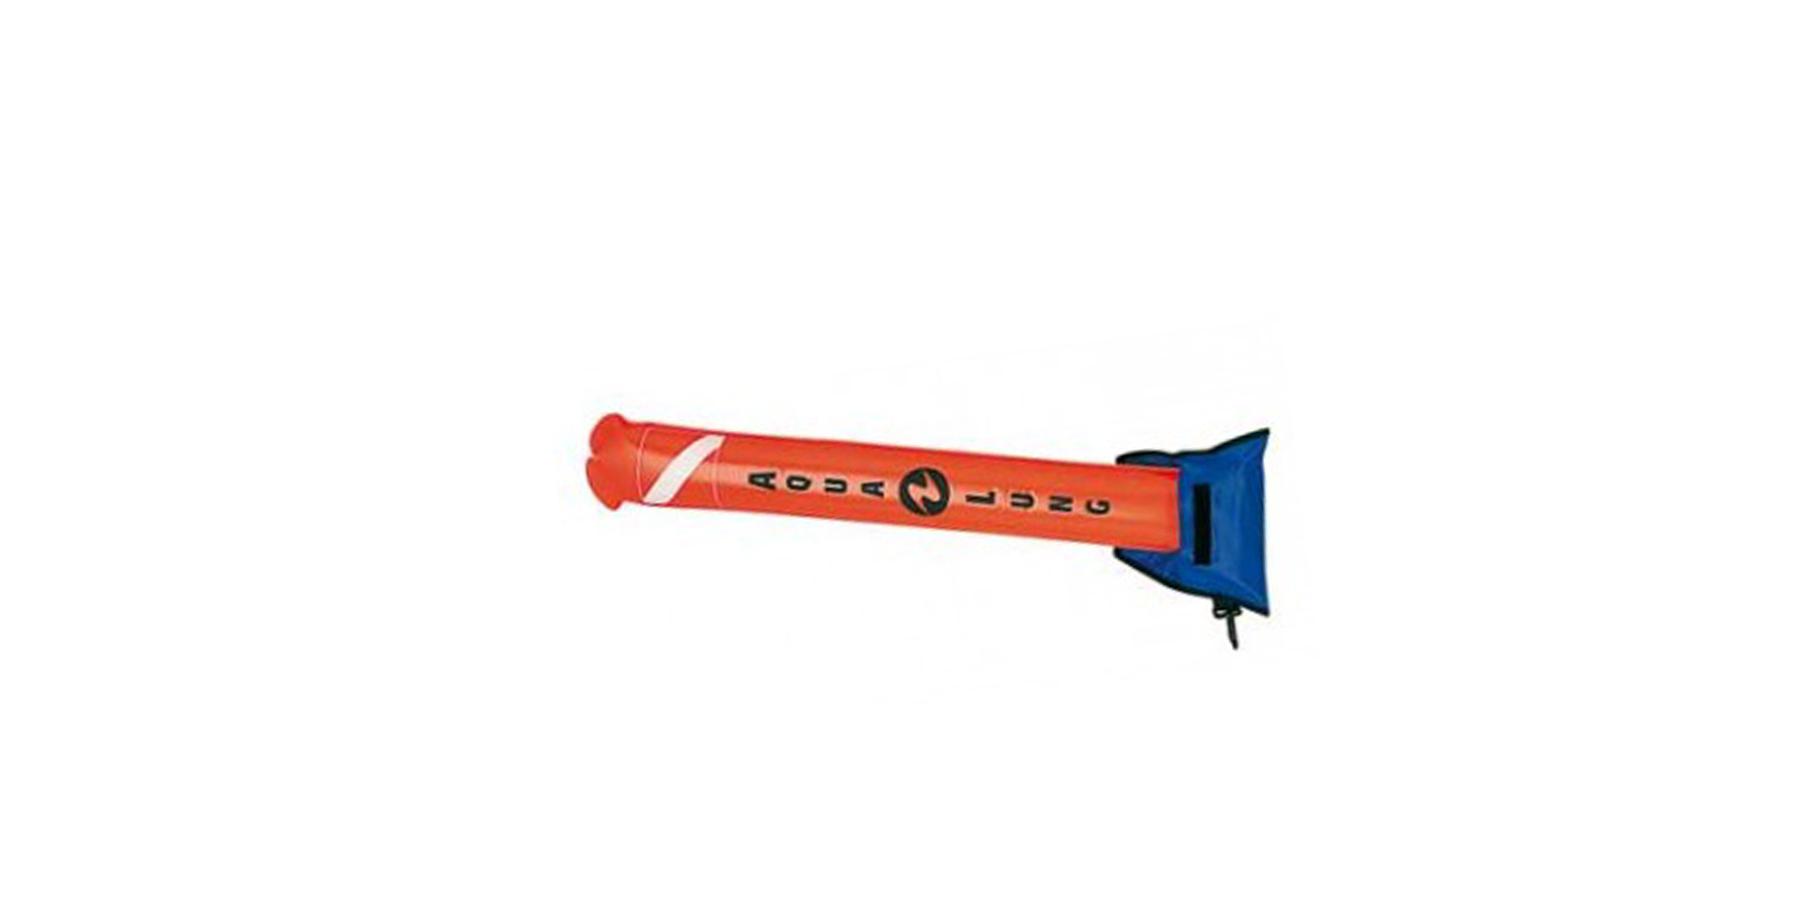 parachute de palier classique avec sacoche2 - Un parachute incontournable pour des paliers en toute sécurité